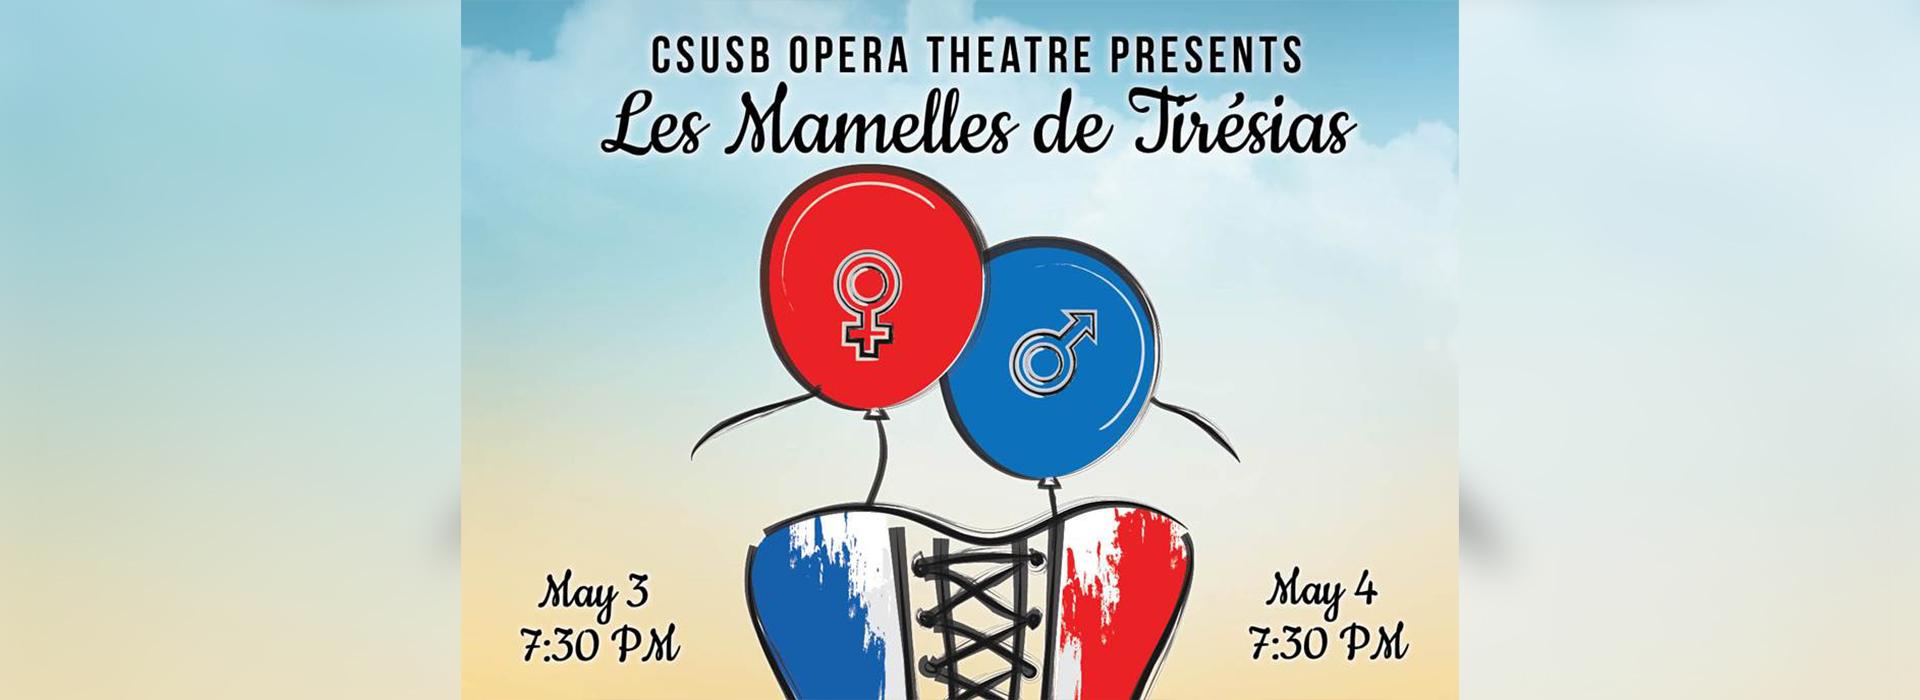 Comic opera 'Les Mamelles de Tirésias' to be performed by CSUSB Opera Theatre